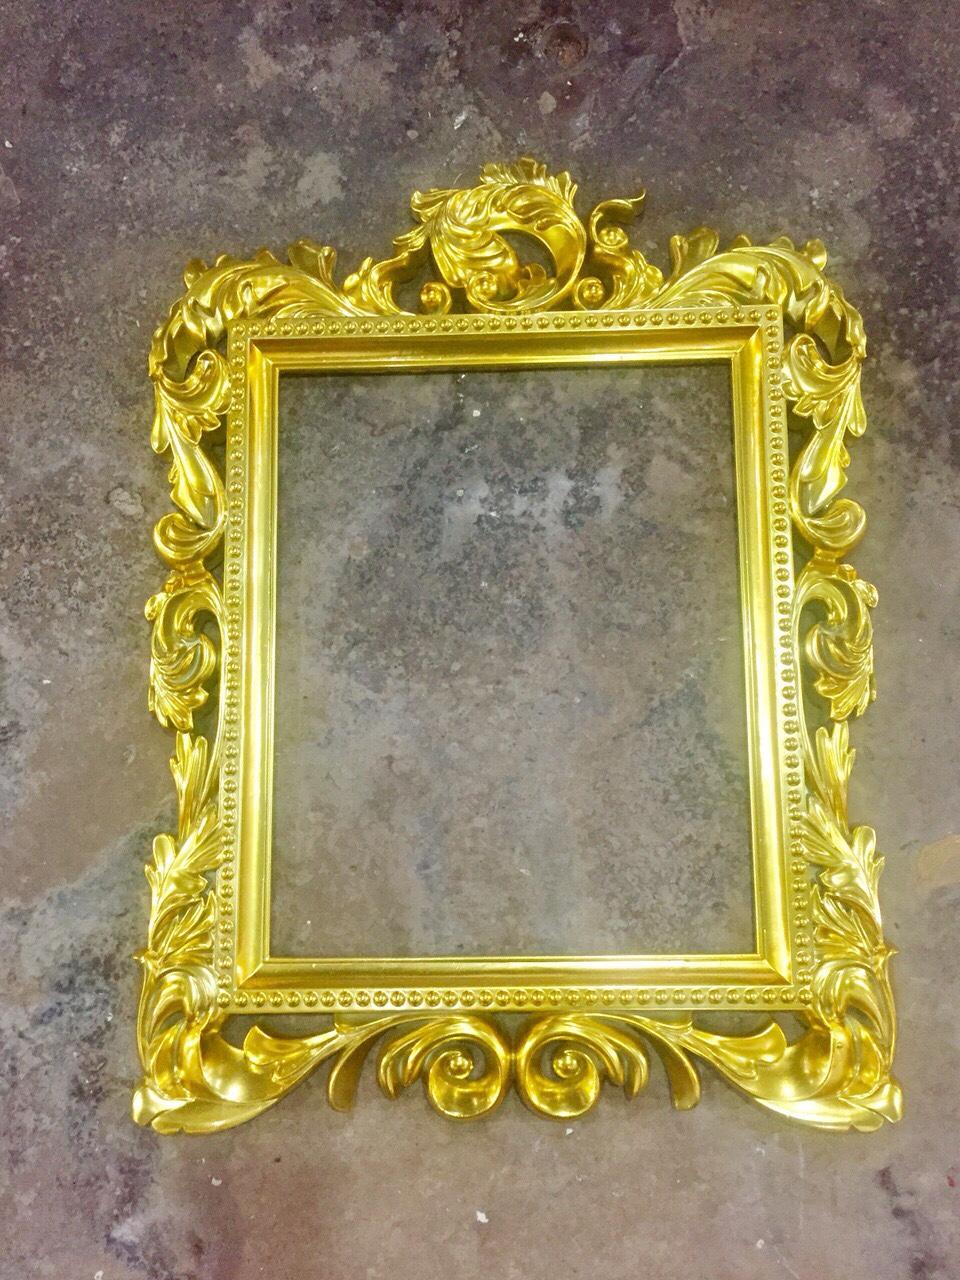 1 NHẬN thi công sơn dát vàng cao cấp Tphcm